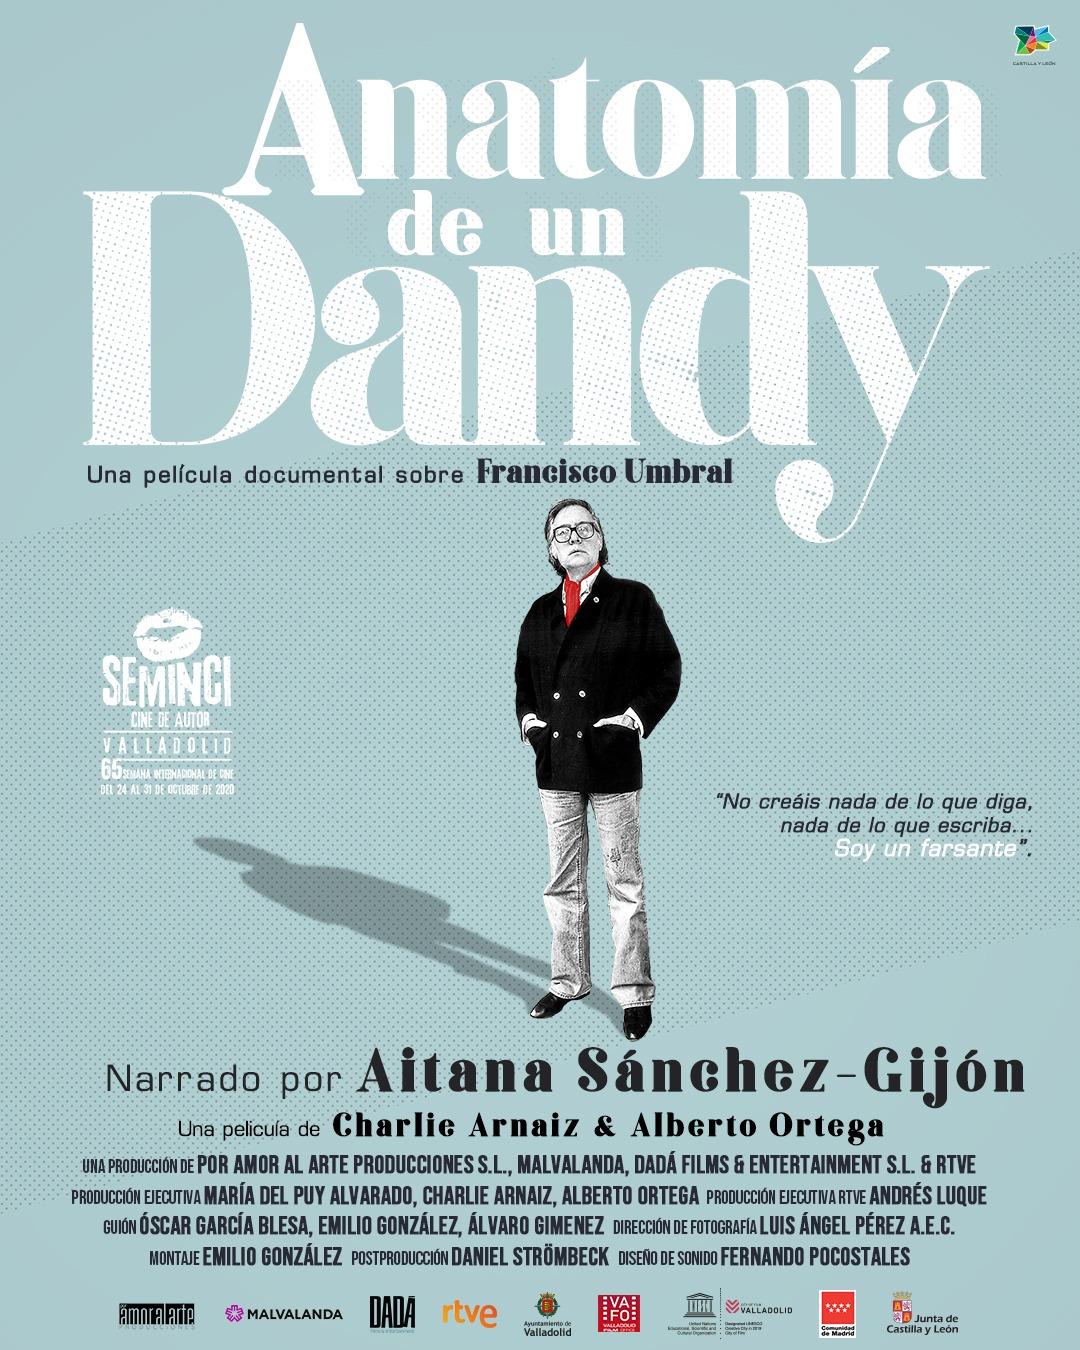 'Anatomía de un dandy' nominado a Mejor Documental en los Premios Goya